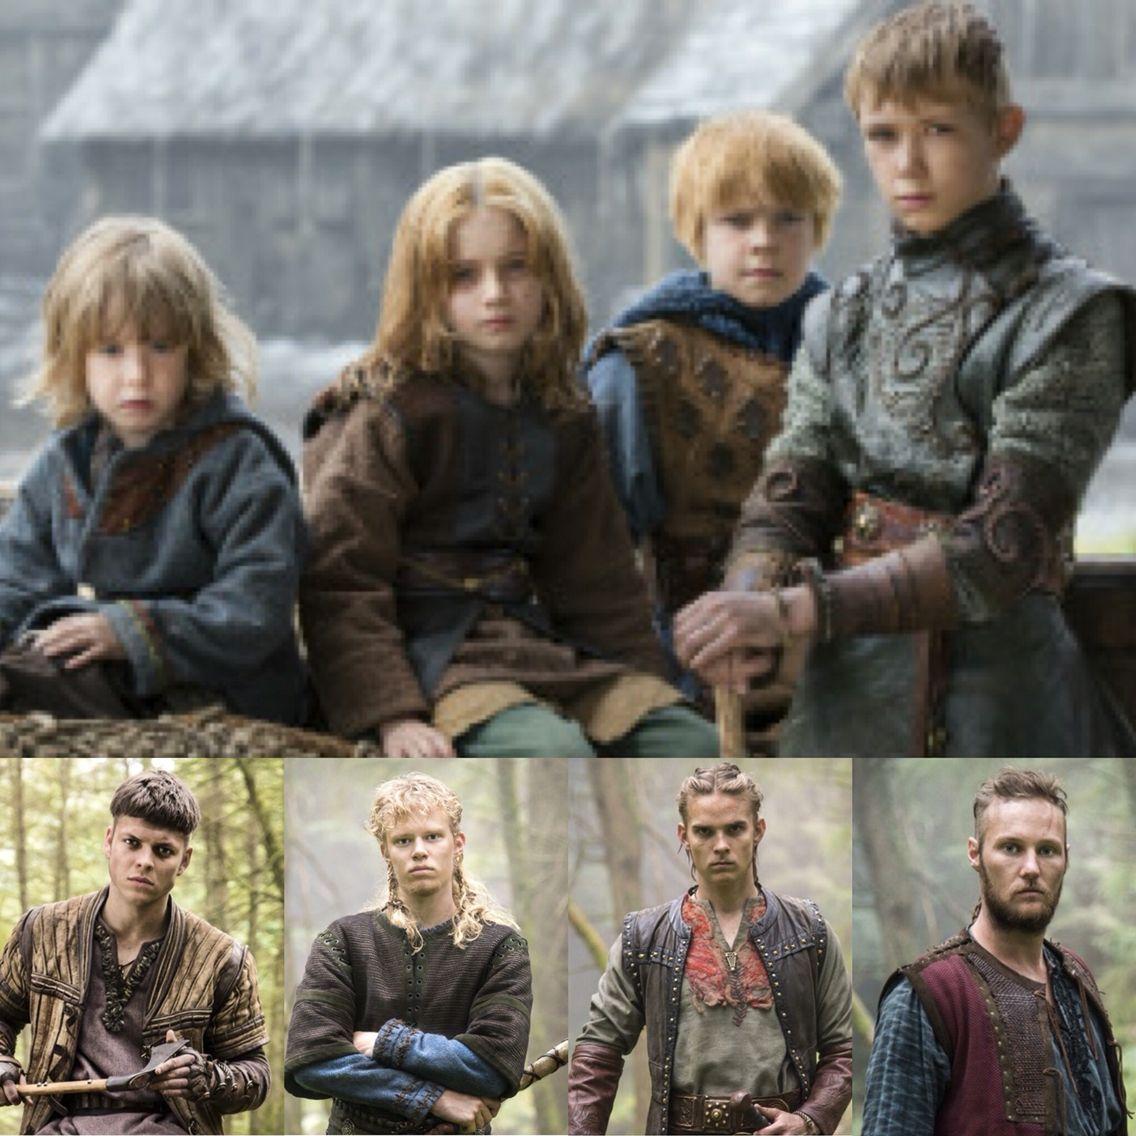 Ivan, Sigurd, Hvitserk and Ubbe  Sons of Ragnar Lothbrok and